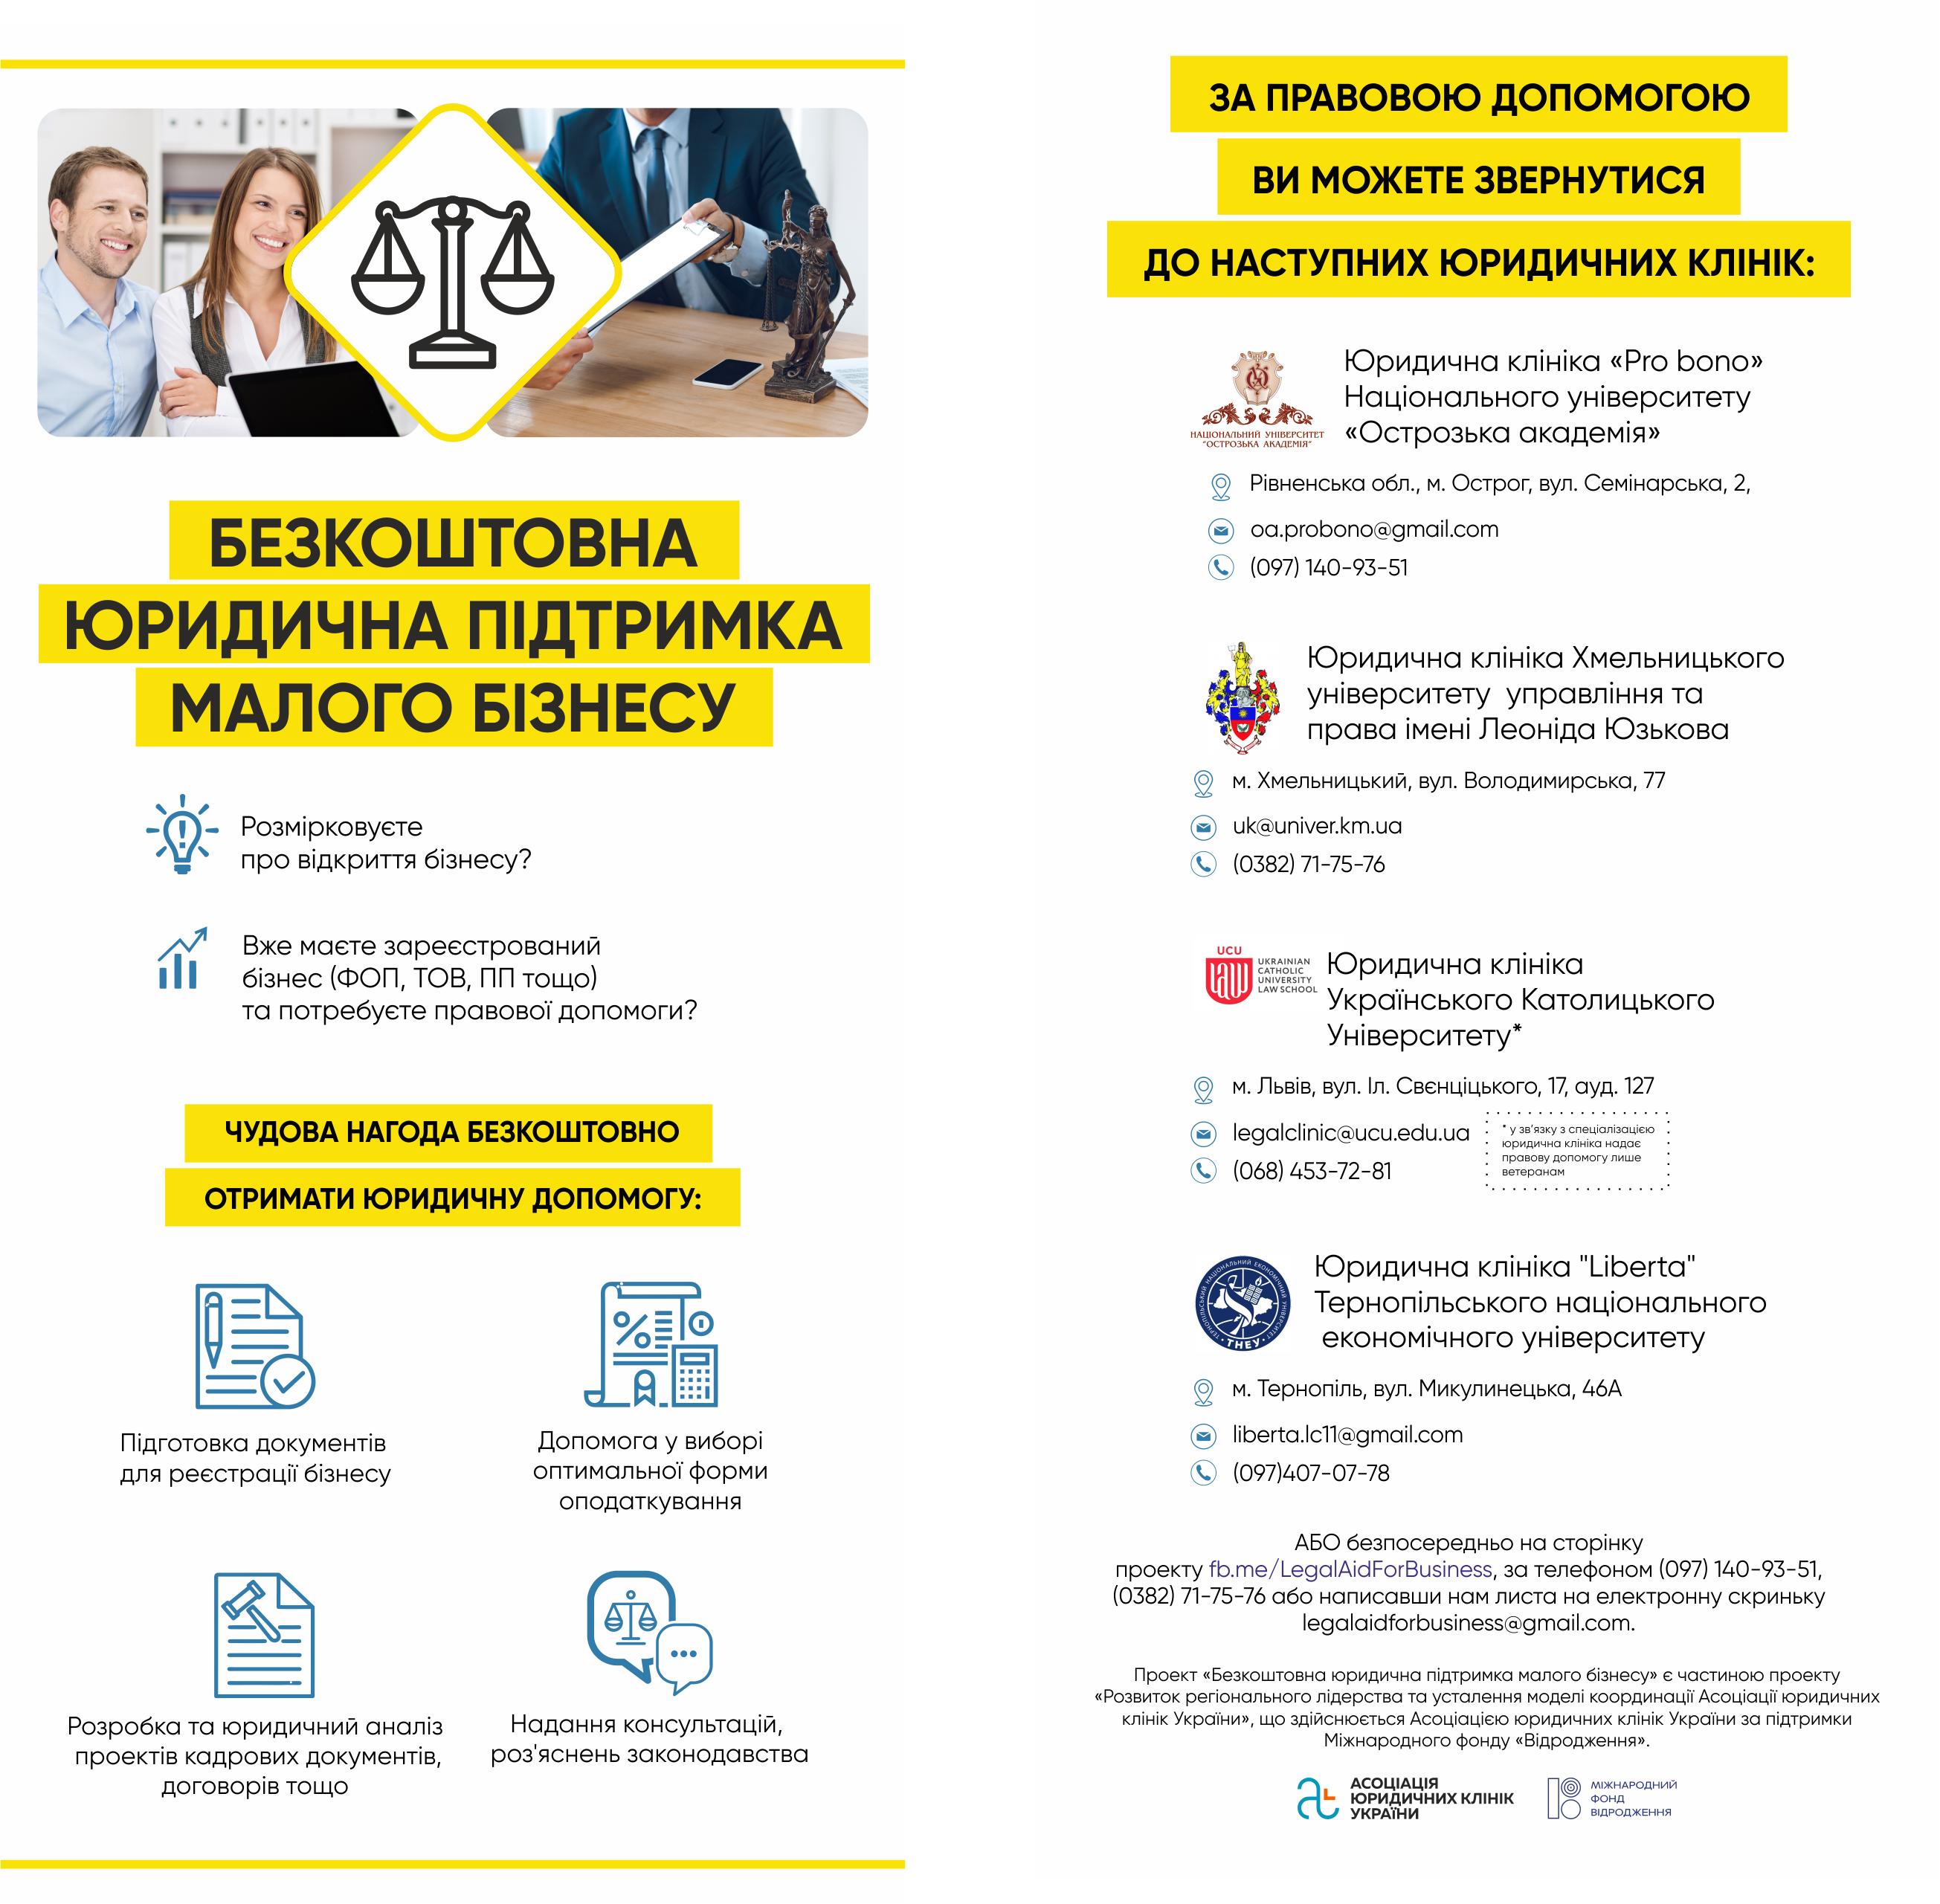 Юридичні клініки інформують про надання безкоштовної юридичної підтримки малого бізнесу